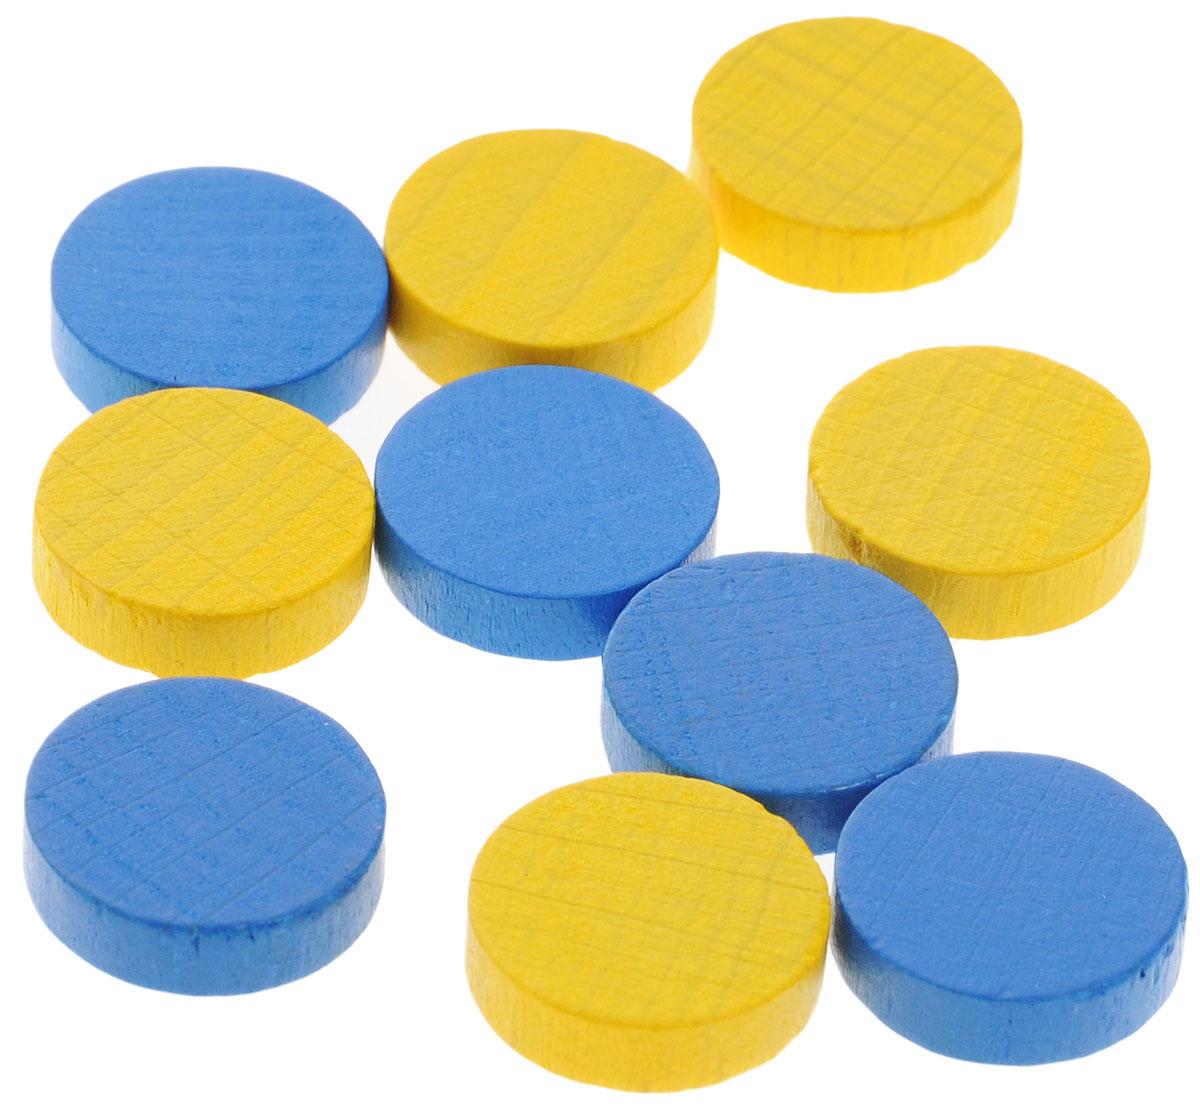 Pandoras Box Набор фишек Эко-стиль диаметр 15 мм цвет желтый синий 10 шт06LZ021_синий, желтыйНабор фишек Эко-стиль предназначен для настольных игр. Фишки можно использовать для отметки уровня ресурсов жизни, победных очков при игре в настольные игры. В наборе имеются фишки двух разных цветов. Фишки выполнены из натурального дерева и покрыты яркой краской. Набор содержит 10 фишек диаметром 1,5 см.